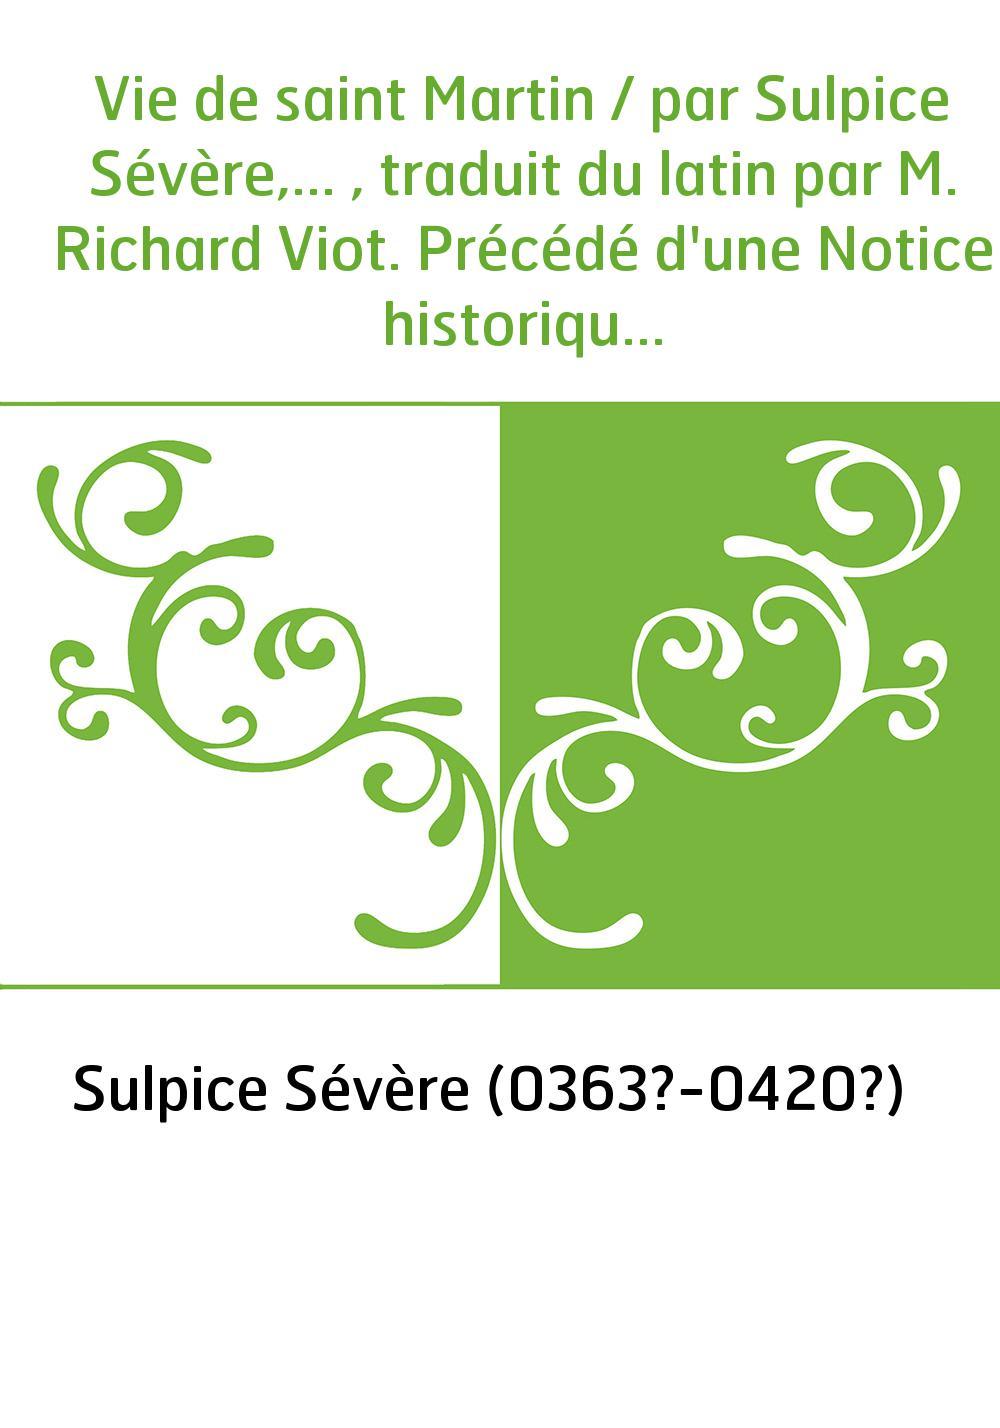 Vie de saint Martin / par Sulpice Sévère,... , traduit du latin par M. Richard Viot. Précédé d'une Notice historique sur Sulpice